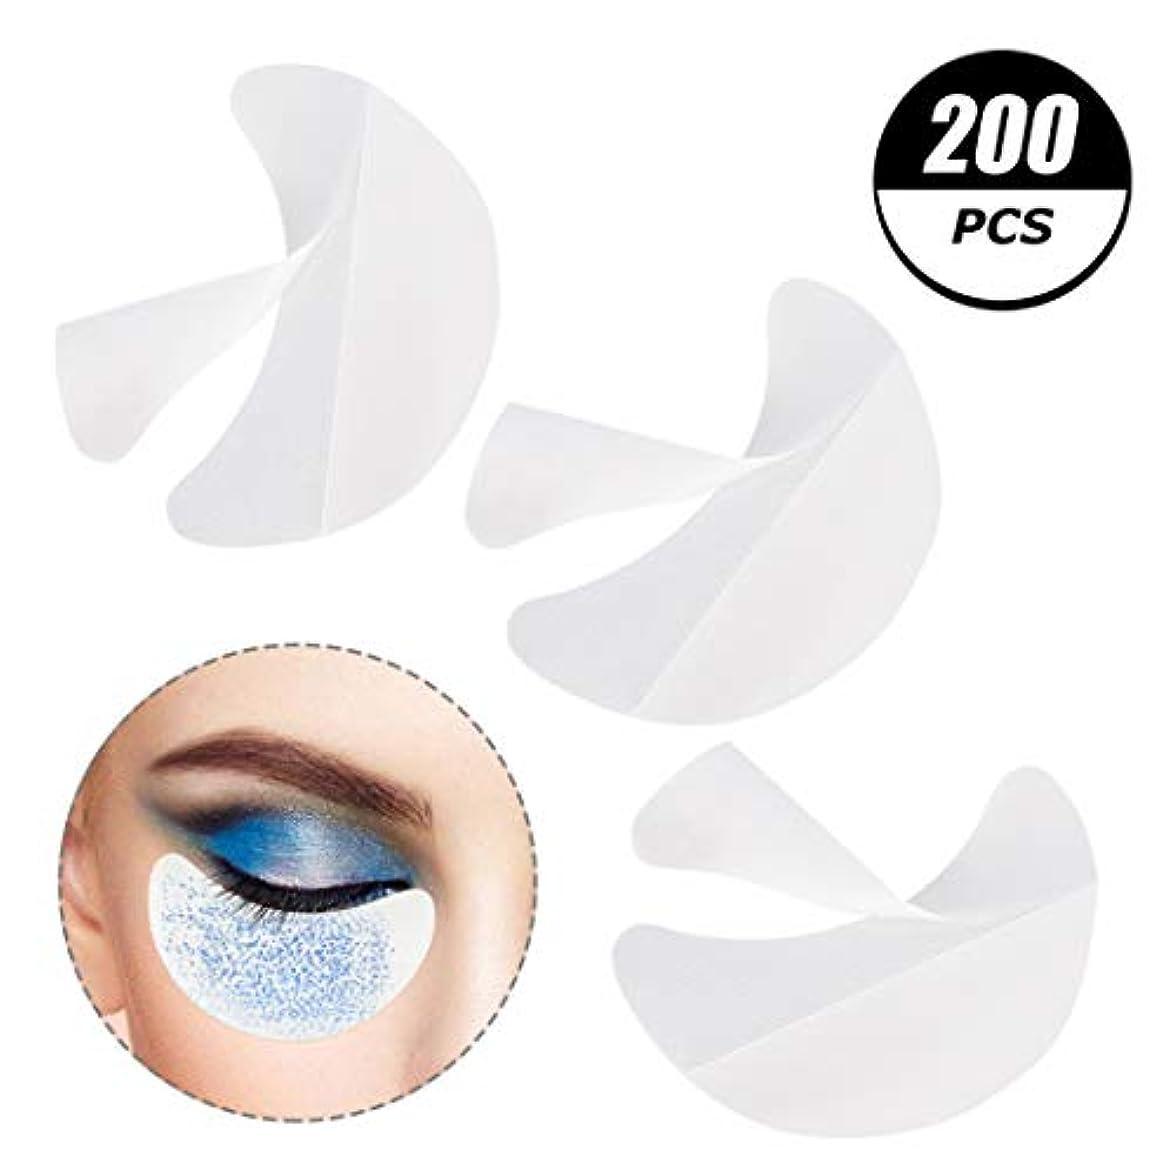 安西ドキュメンタリー以来サリーの店 凝った200個のアイシャドーシールドは、まつげ拡大、色合いと唇化粧残余化粧品ツールを防止するためにアイメイクパッドアイシャドーステンシルをシールドします